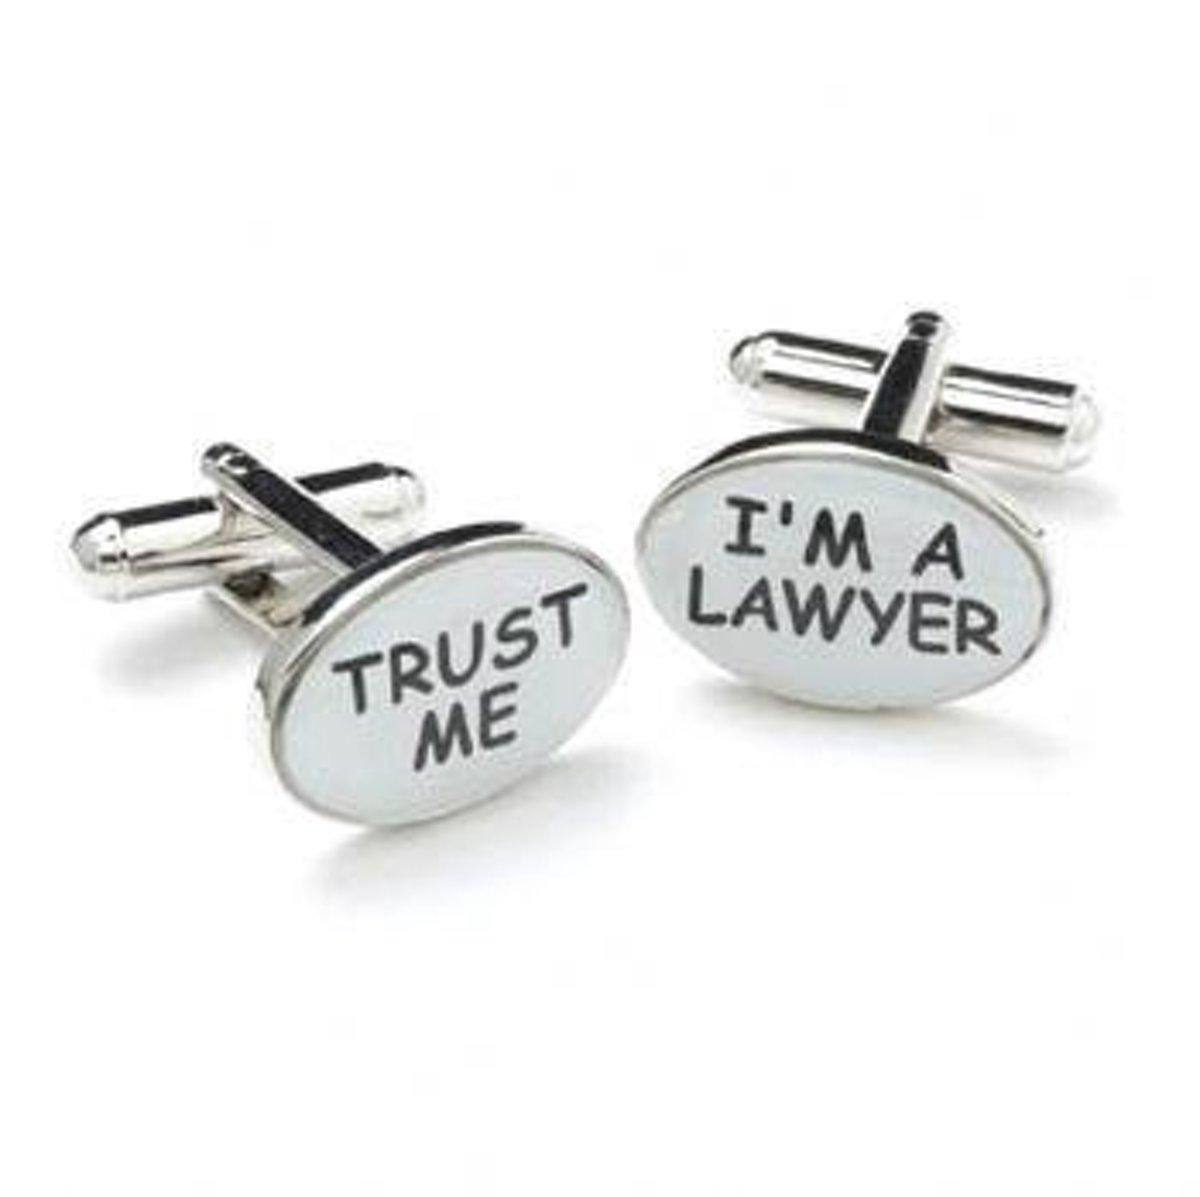 Manchetknopen Trust Me/Lawyer kopen